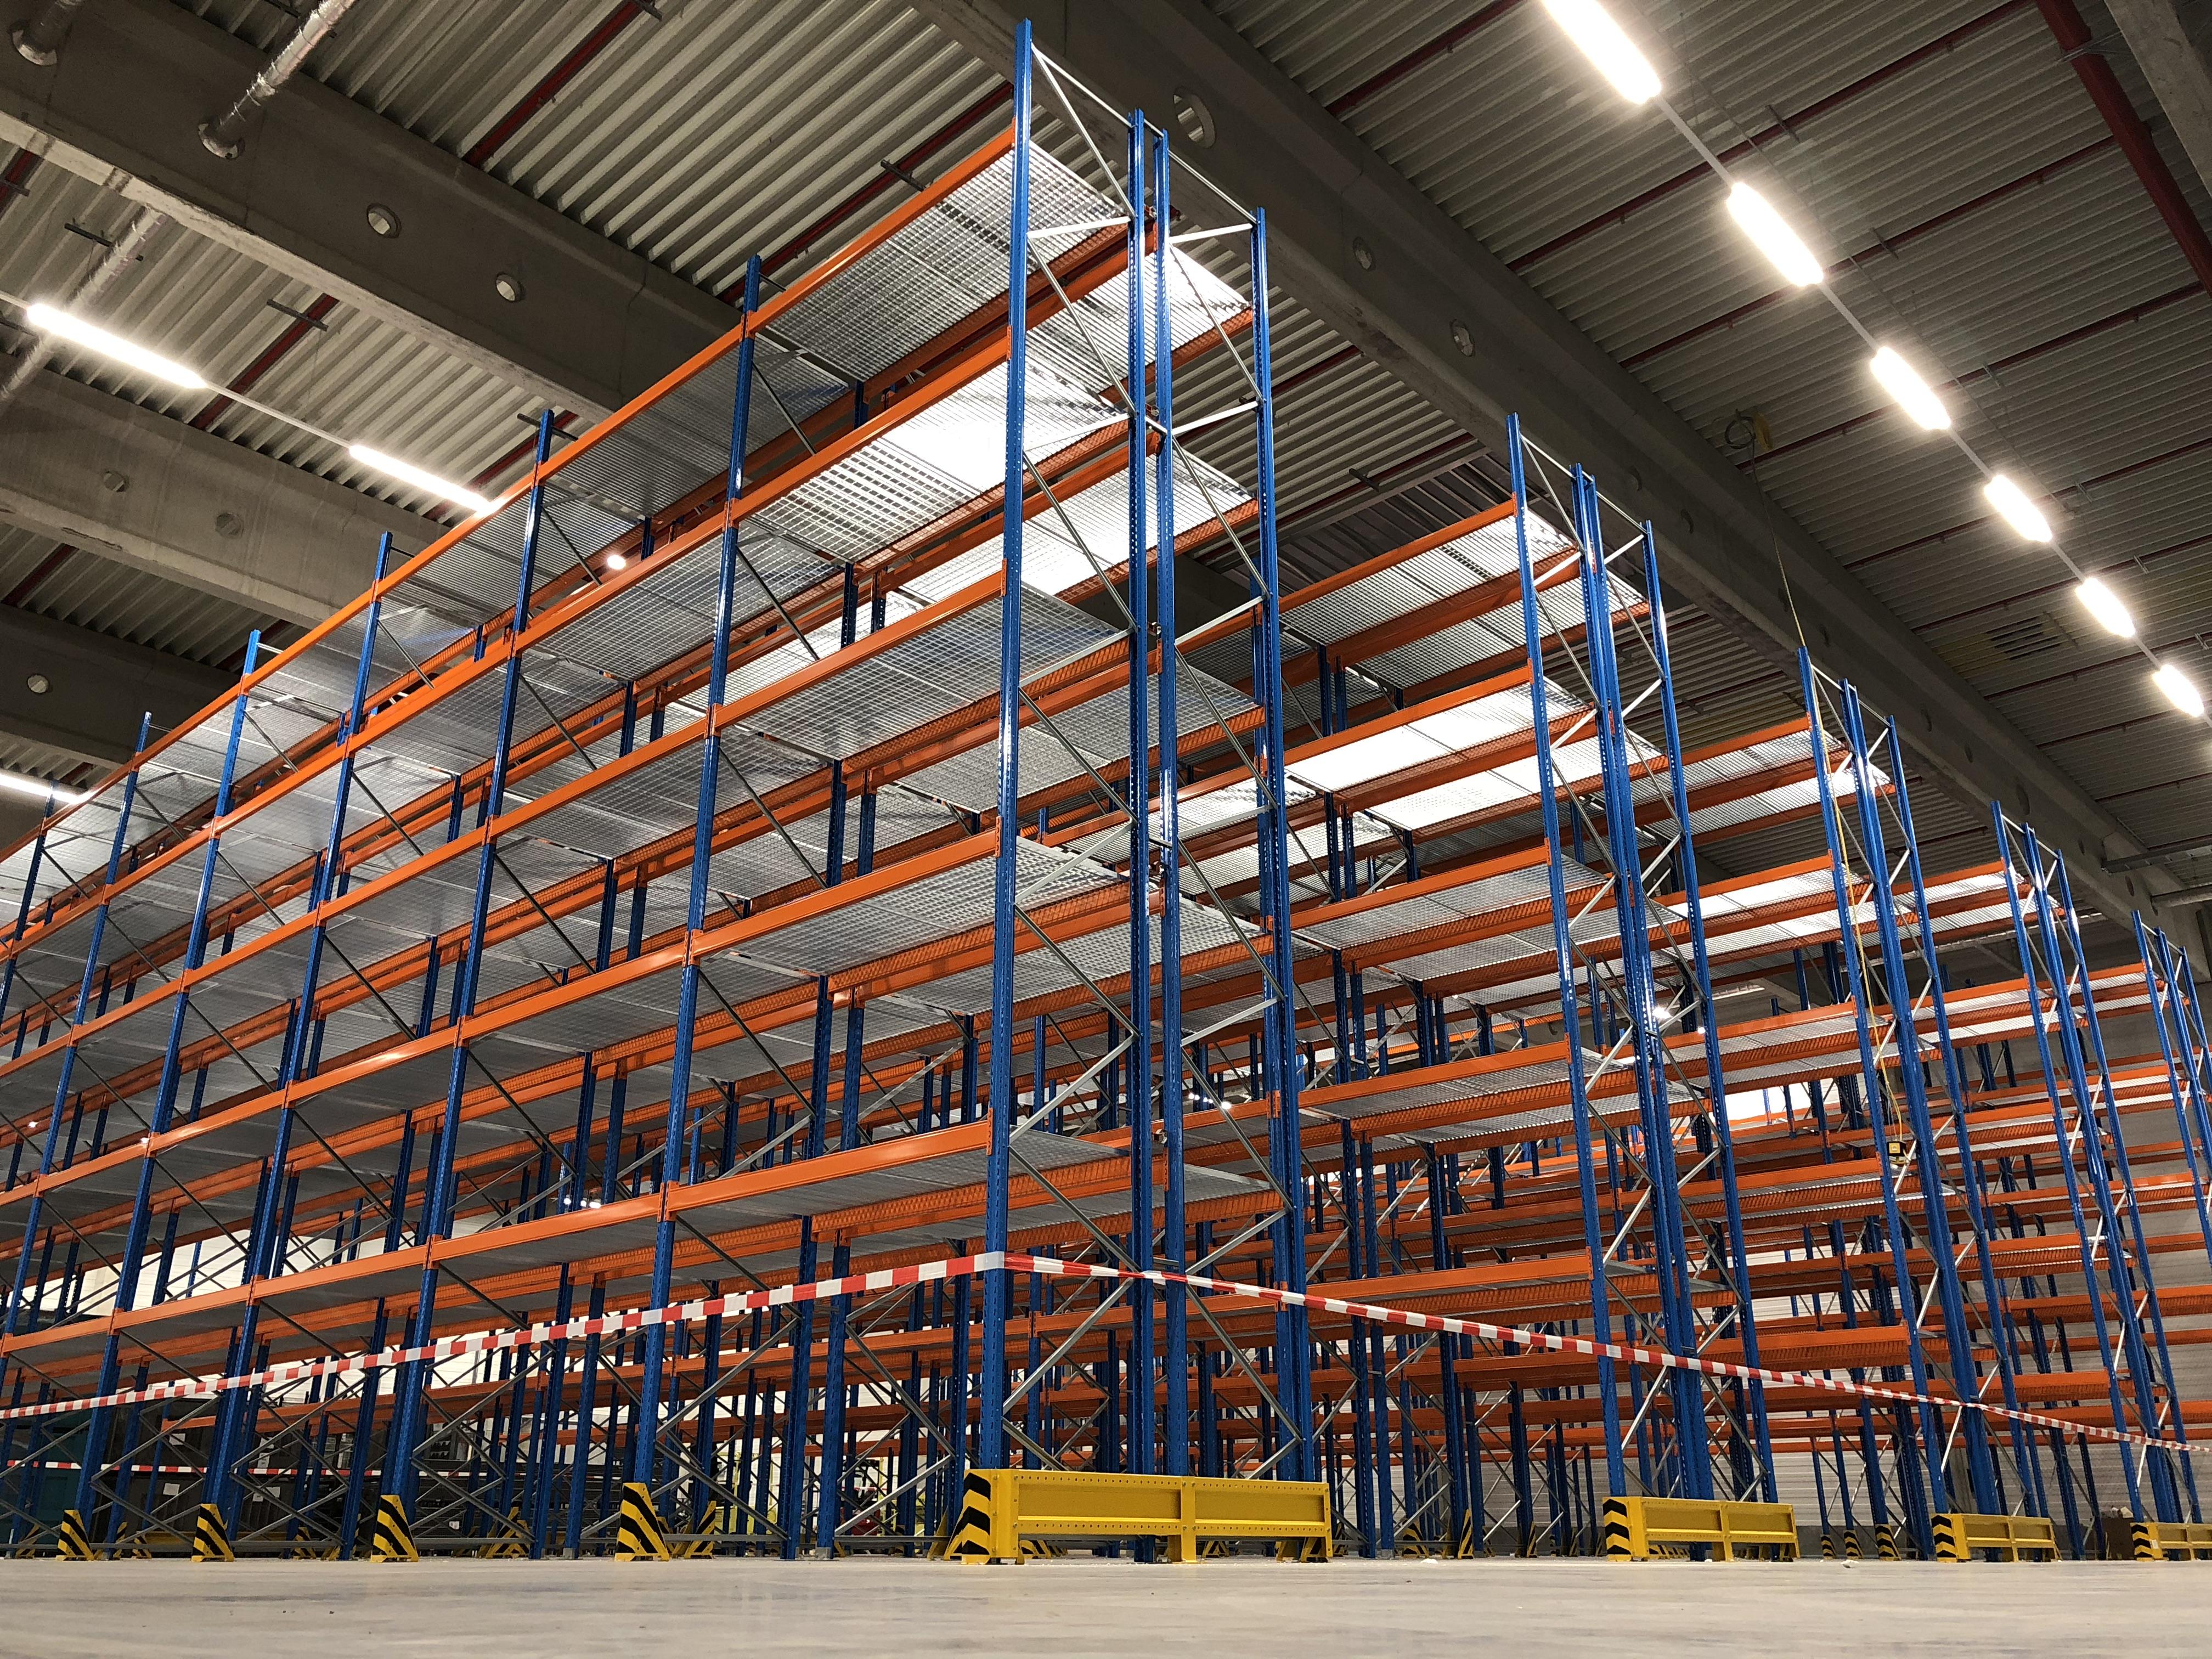 Das orange-blaue Palettenregal von Stow steht kurz vor der Montage bzw. dem Service. Die Lagertechnik muss geprüft werden. Nach der Regalprüfung werden kaputte Bestandteile des Regals durch Neue ersetzt.